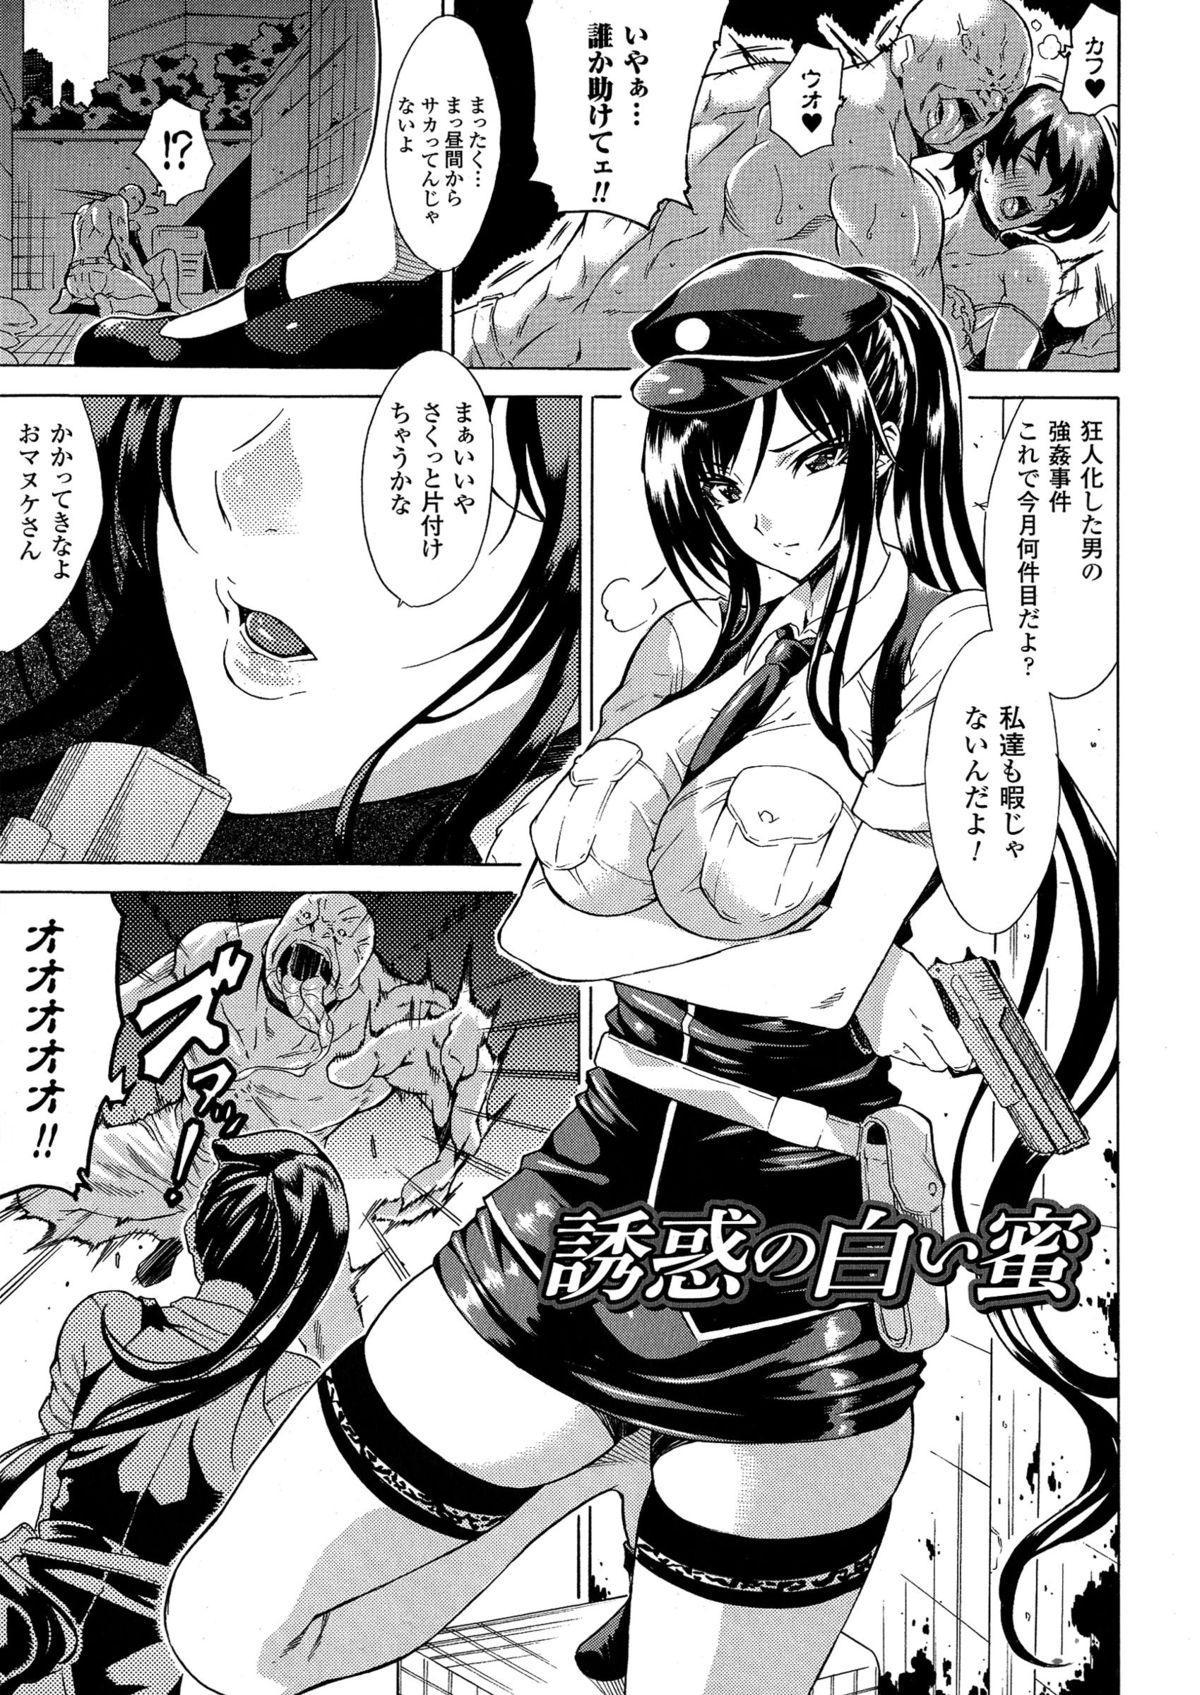 Kachiki na Onna ga Buzama na Ahegao o Sarasu made 24